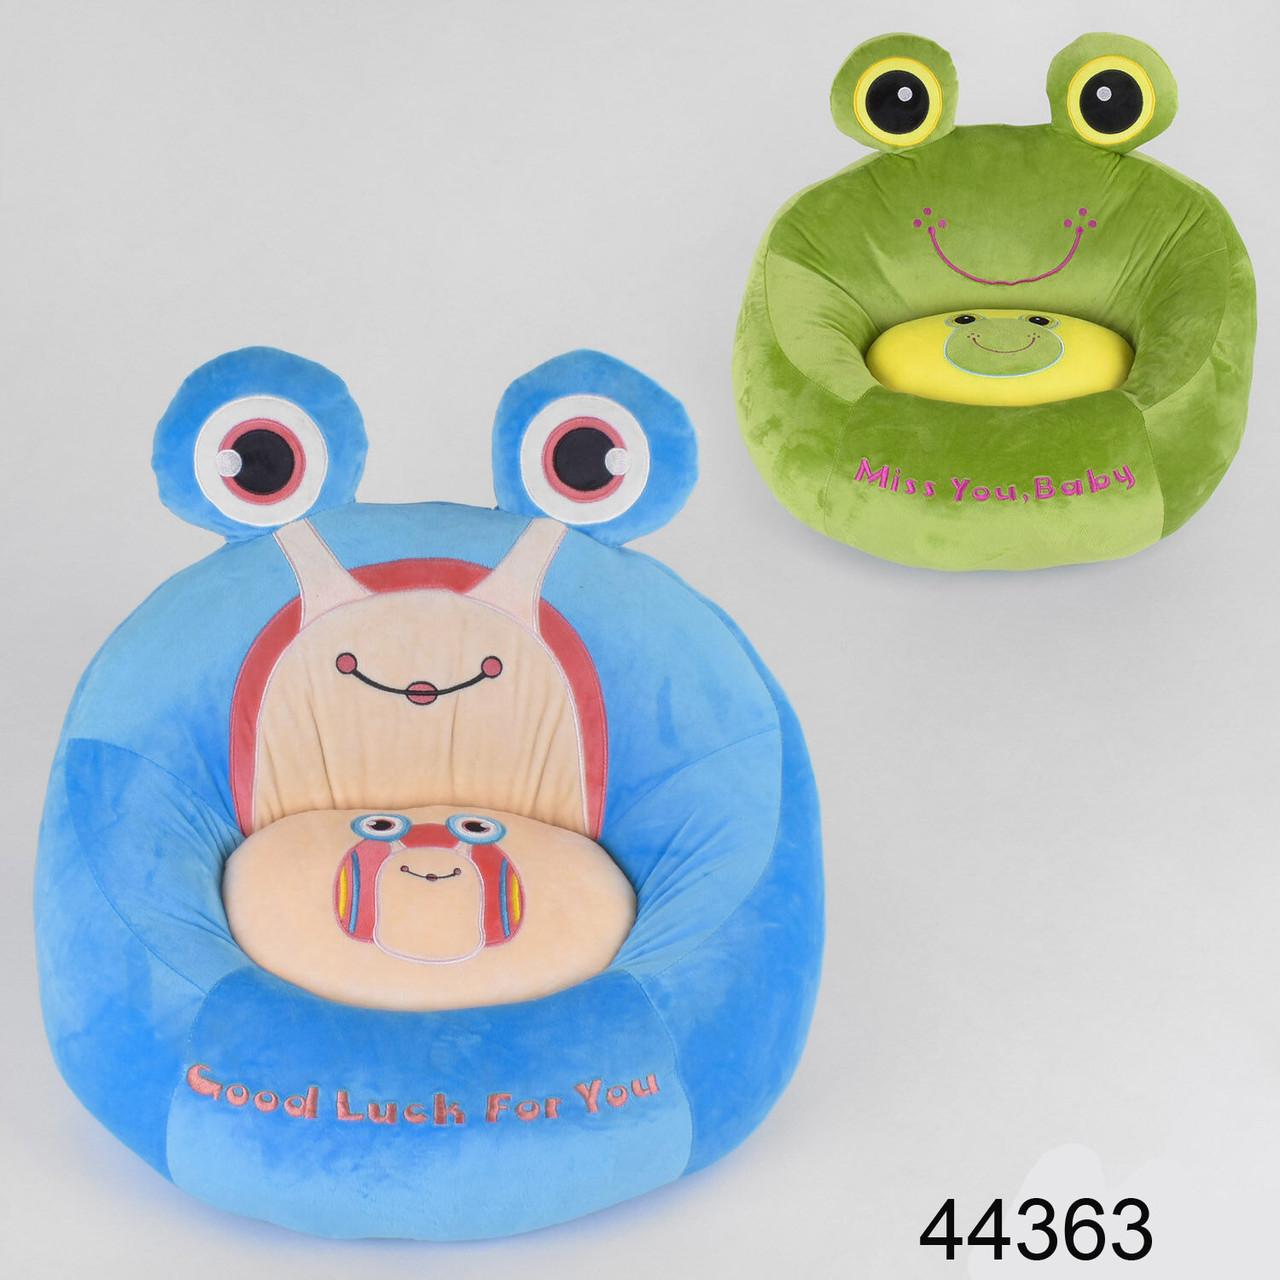 Мягкое кресло детское лягушка улитка божья коровка